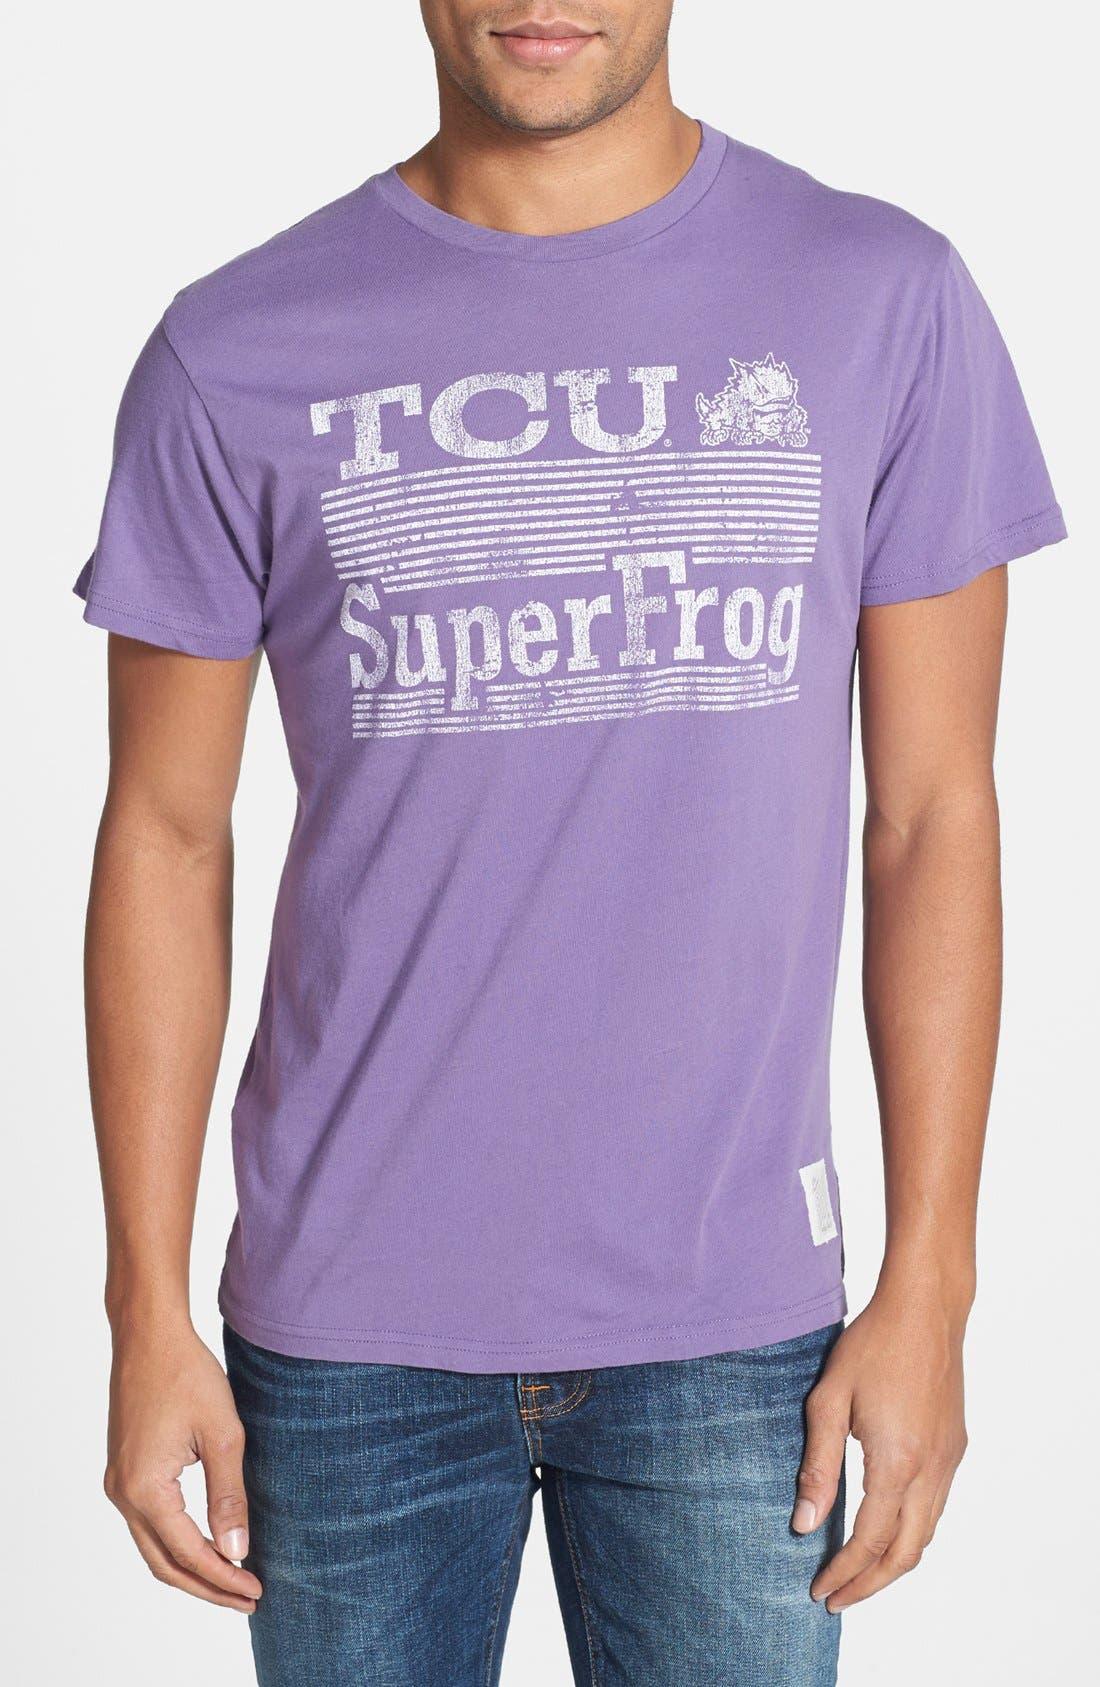 Main Image - Retro Brand 'TCU Horned Frogs' Team T-Shirt